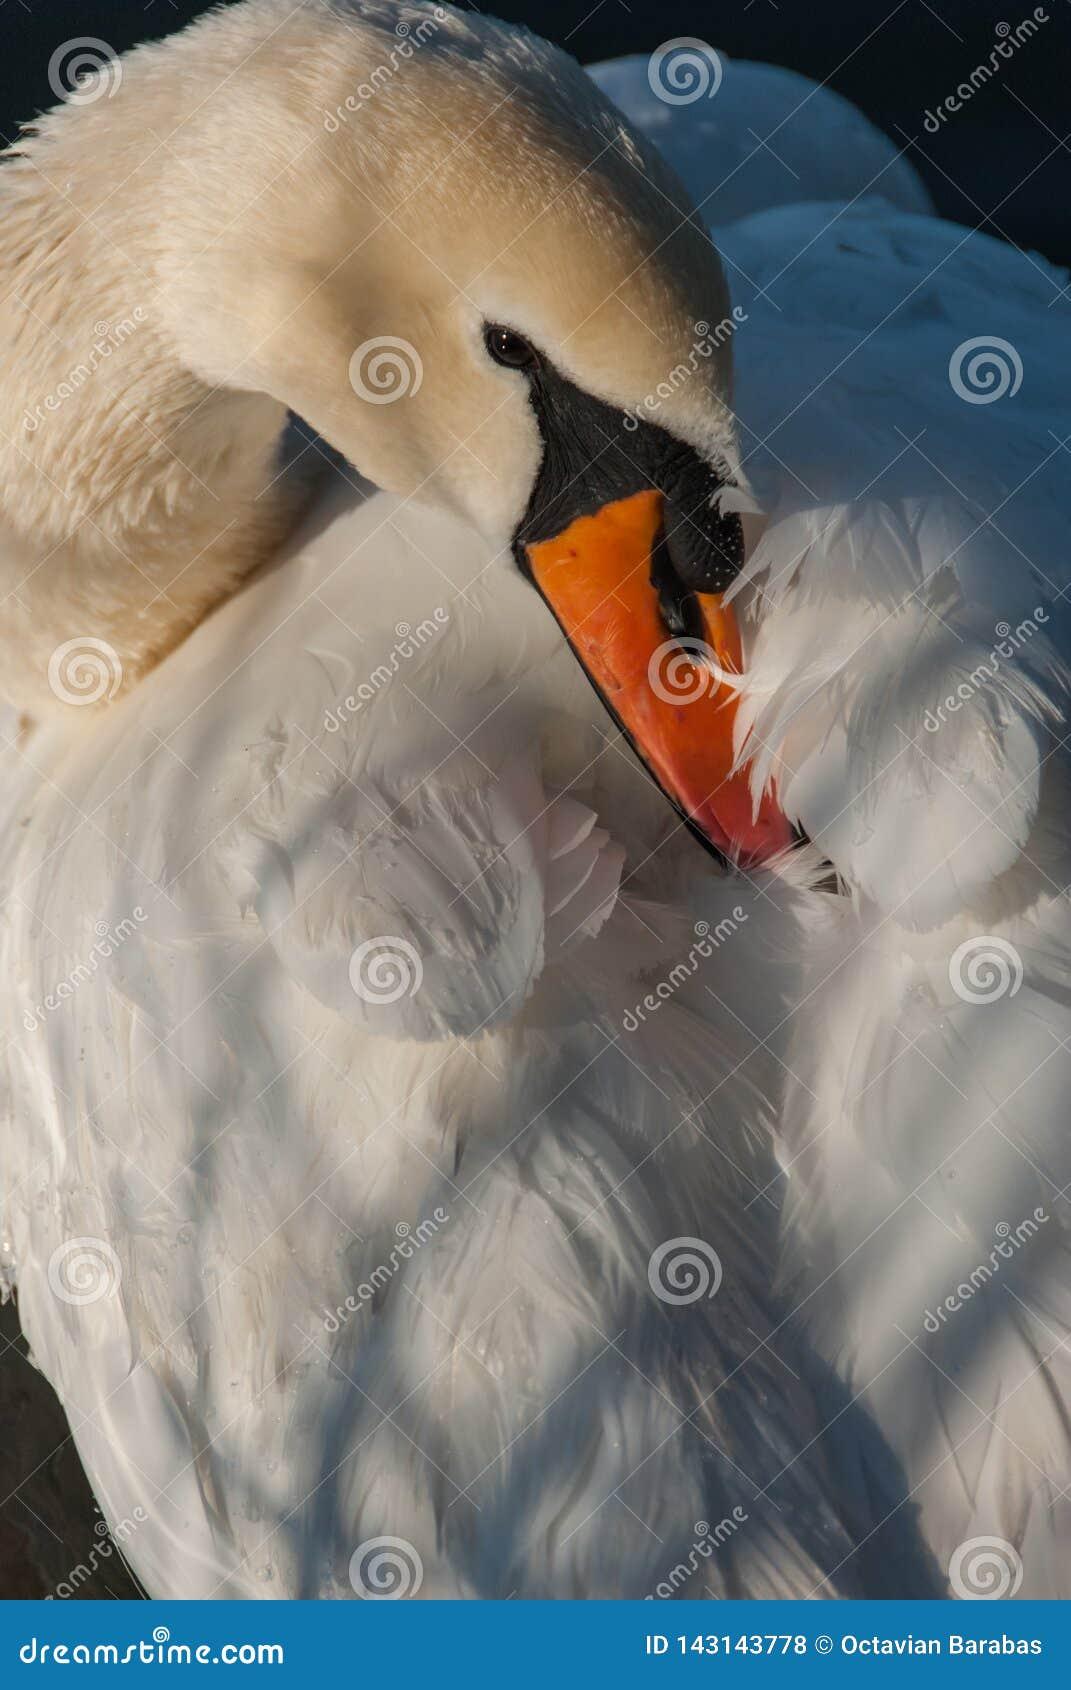 Swan hiding beak in its feathers